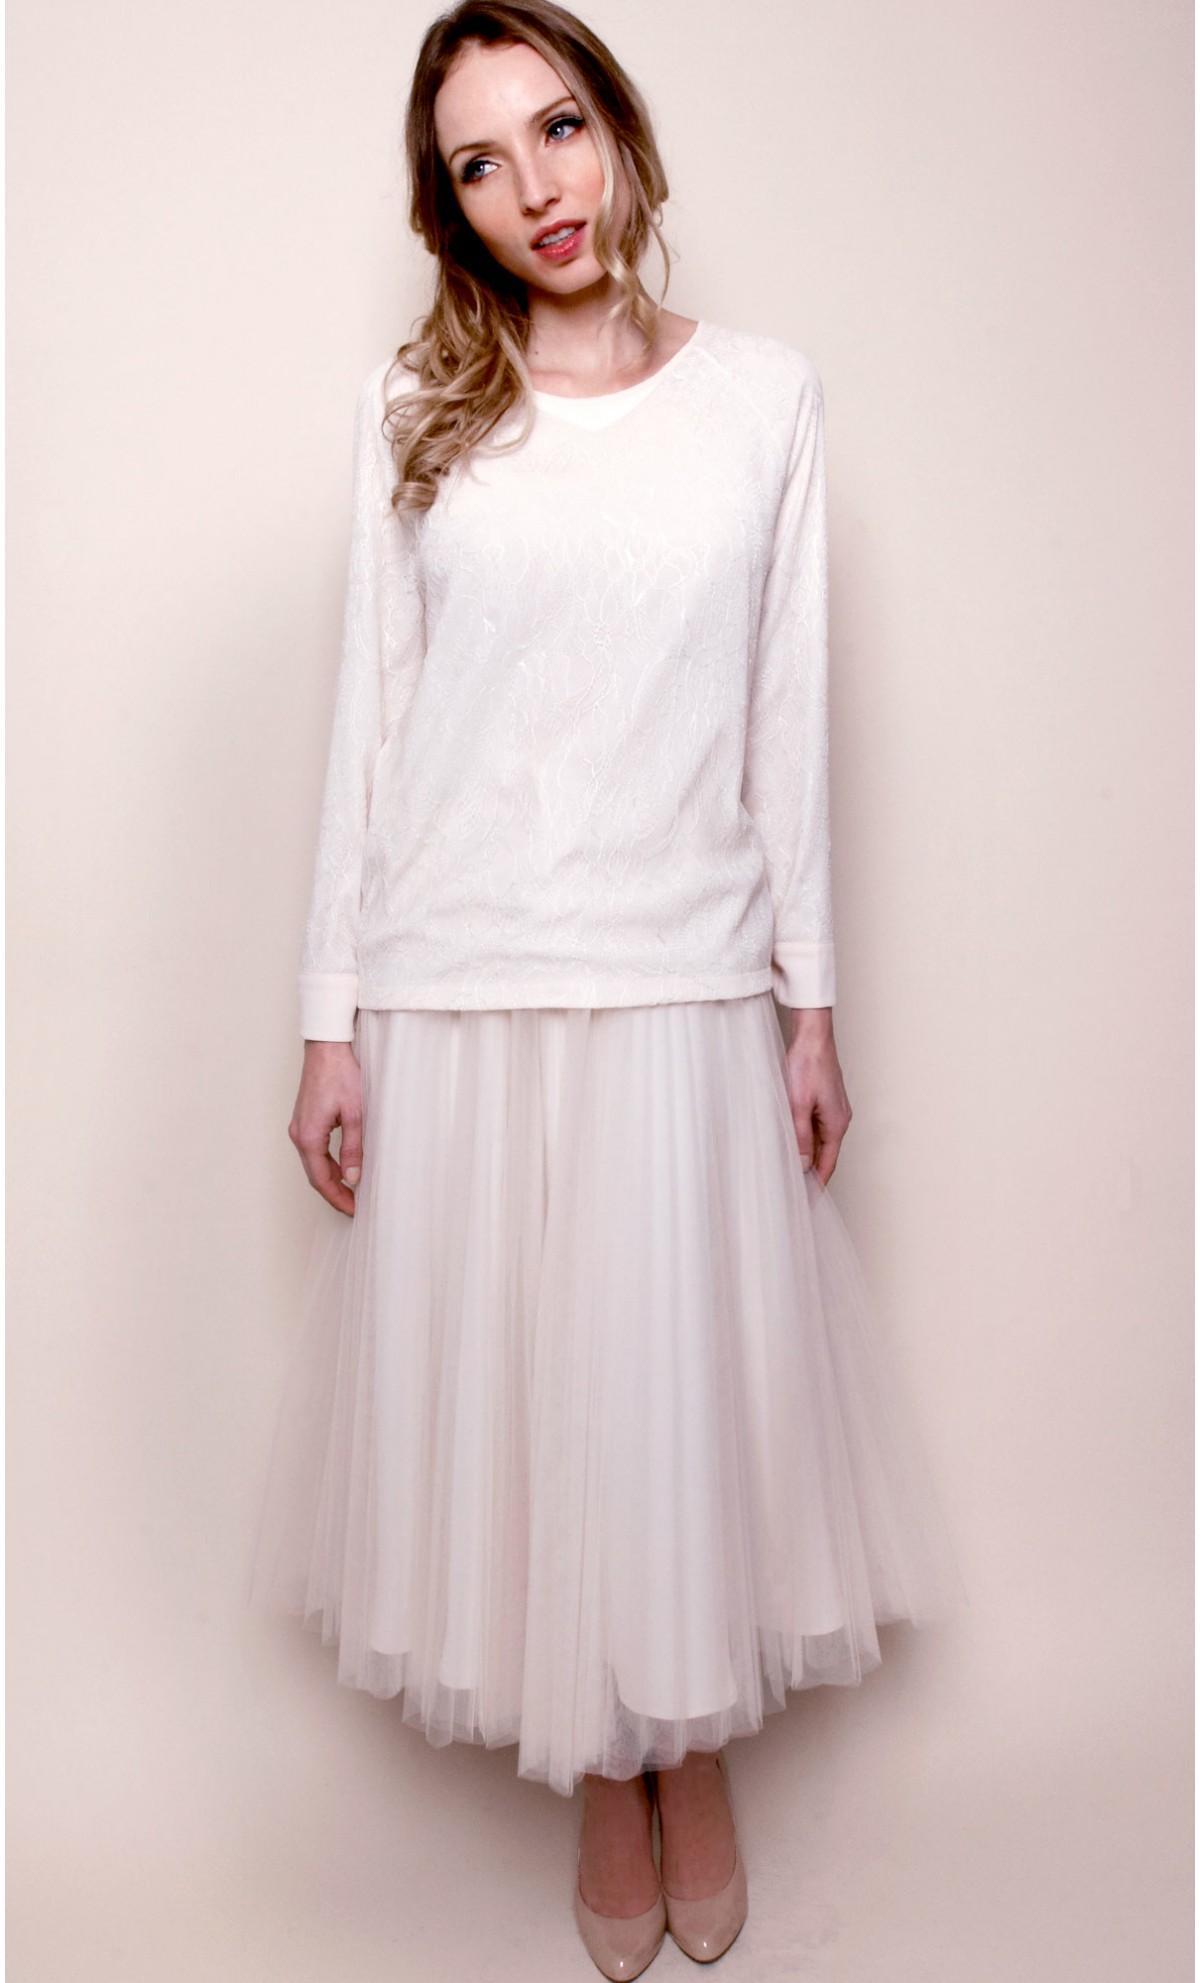 Super Une tenue pour un mariage - La boutique de Maud RV96